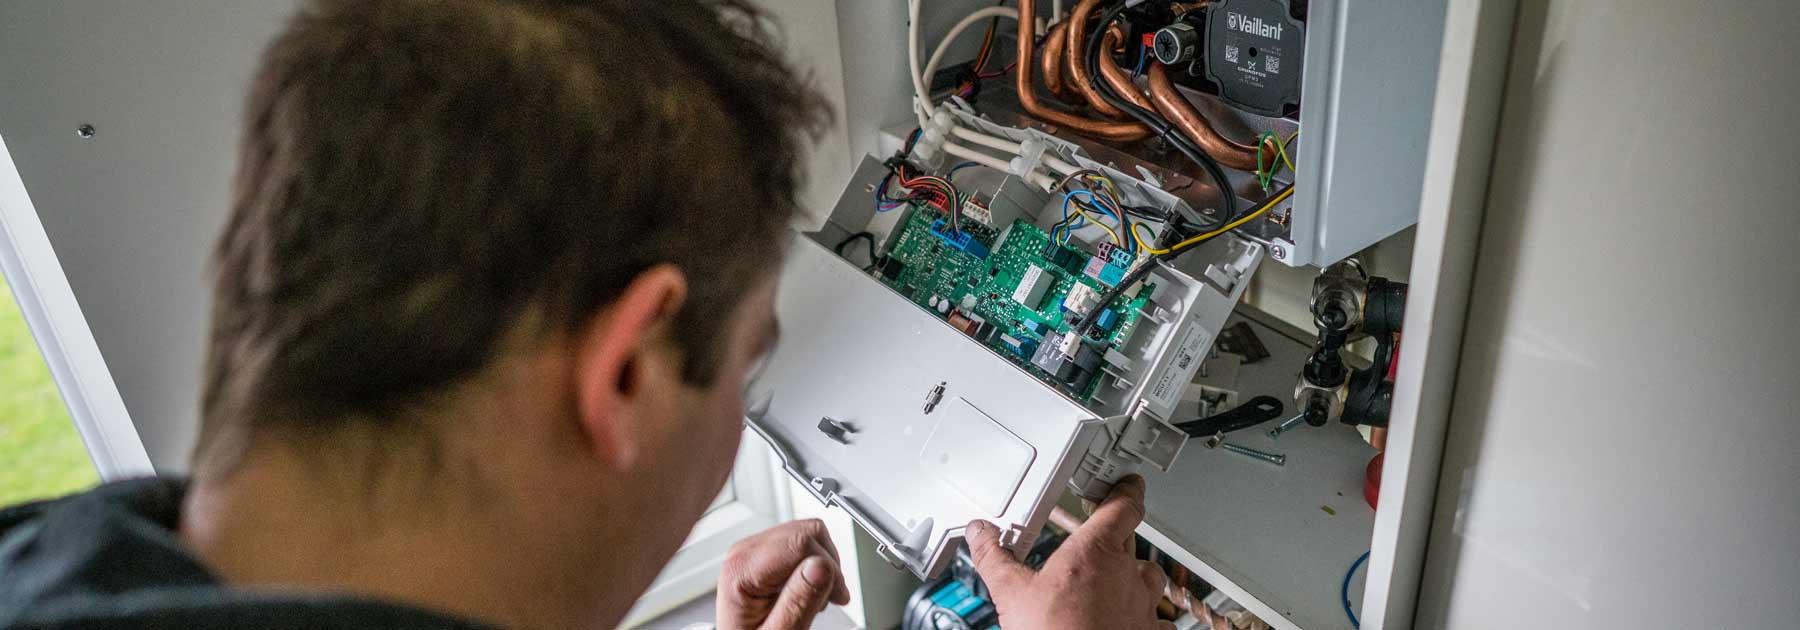 repair-or-replace-a-boiler-cost-(1)